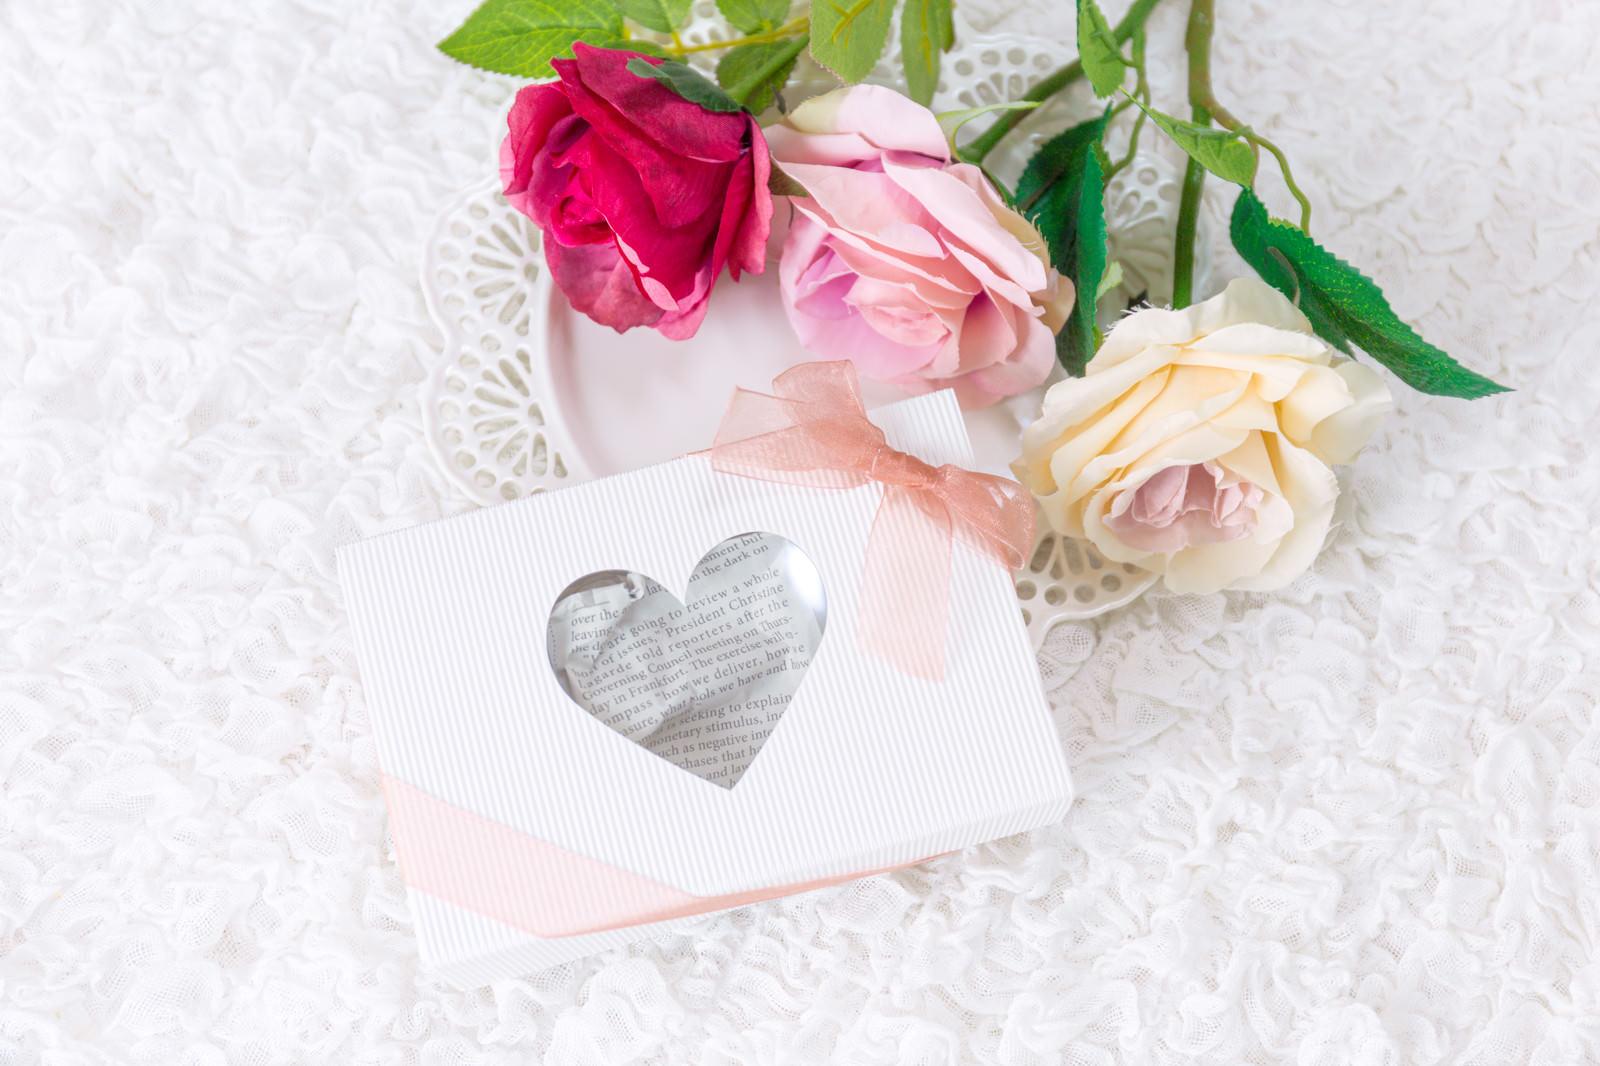 「バラの花と告白のプレゼント」の写真